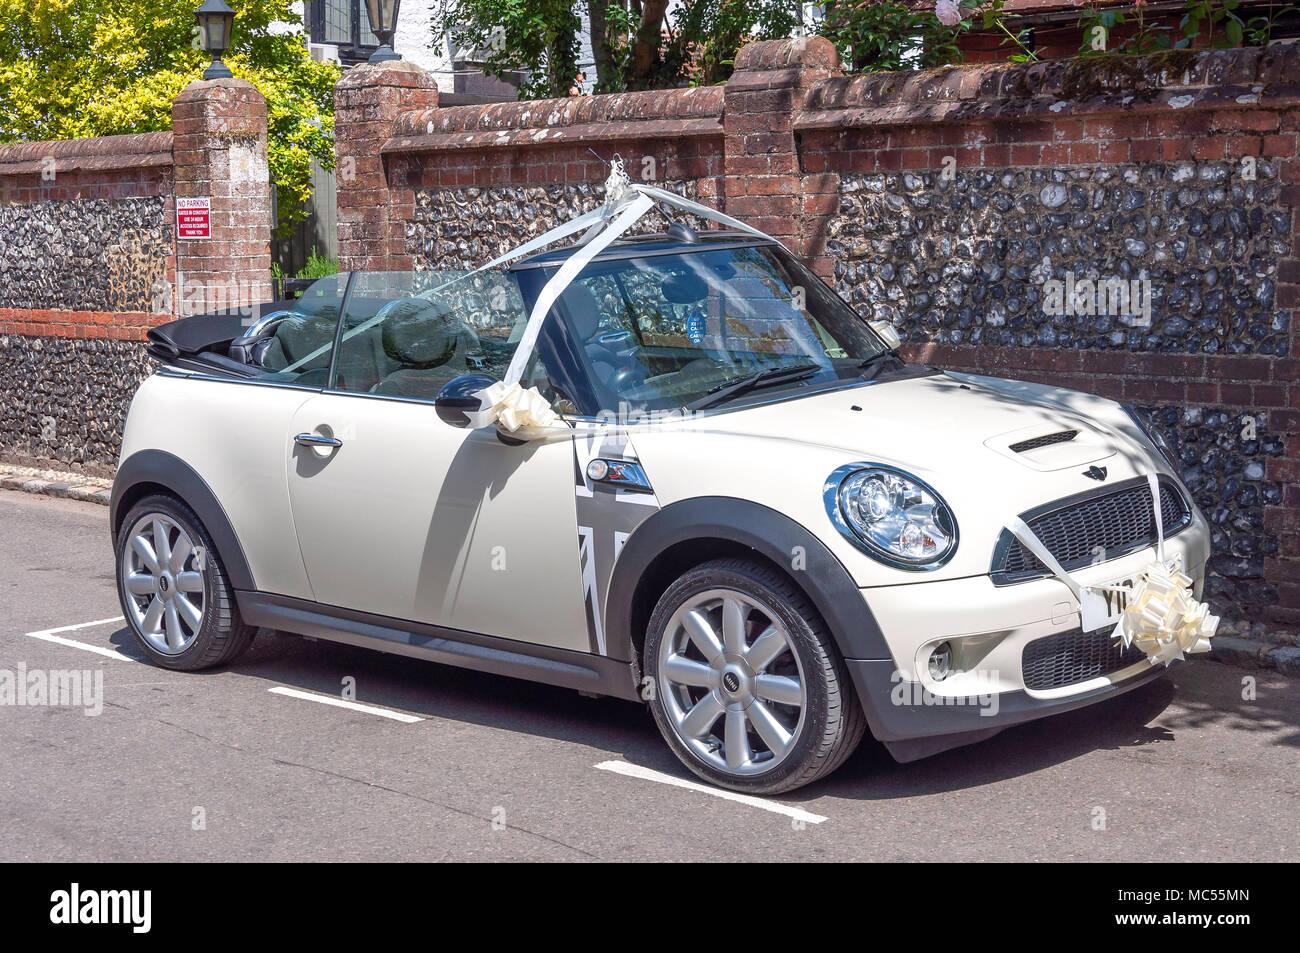 Une Mini Cooper S Cabriolet décoré comme une voiture de mariage, High Street, Hurley, Berkshire, Angleterre, Royaume-Uni Photo Stock